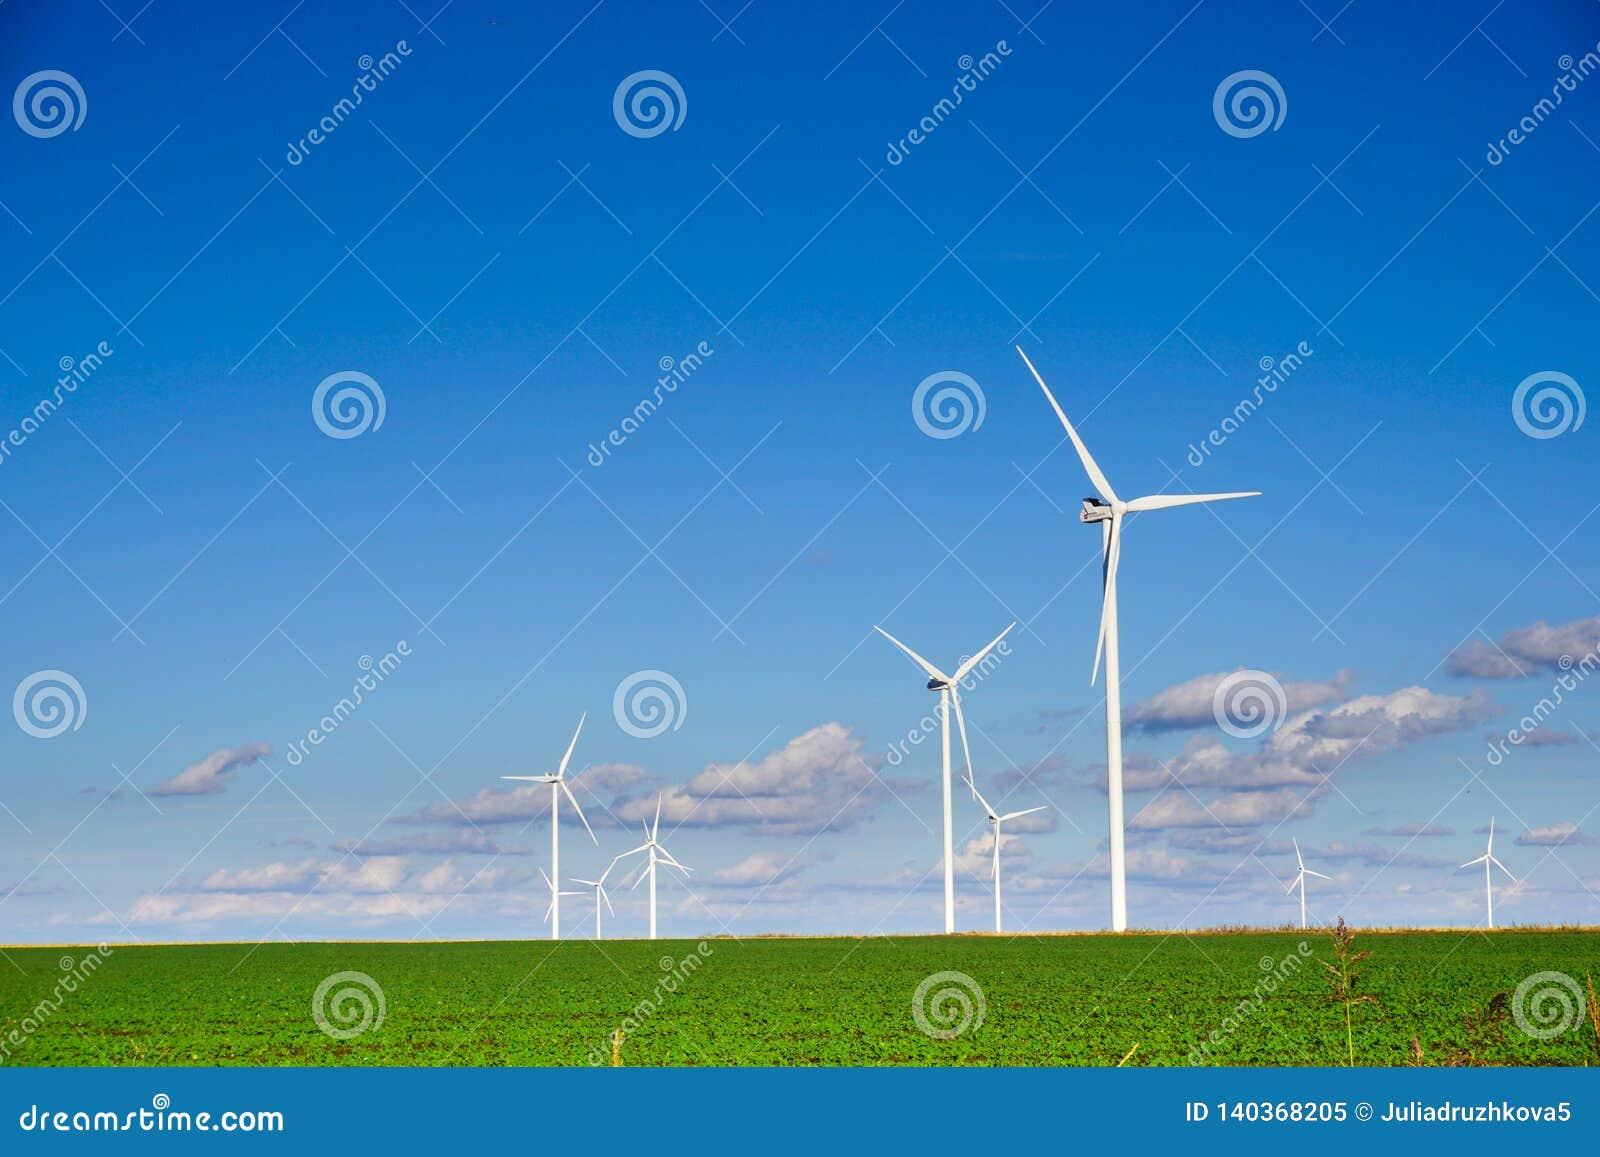 Planta de energias eólicas que consiste em diversas turbinas eólicas que estão em um campo contra um céu azul